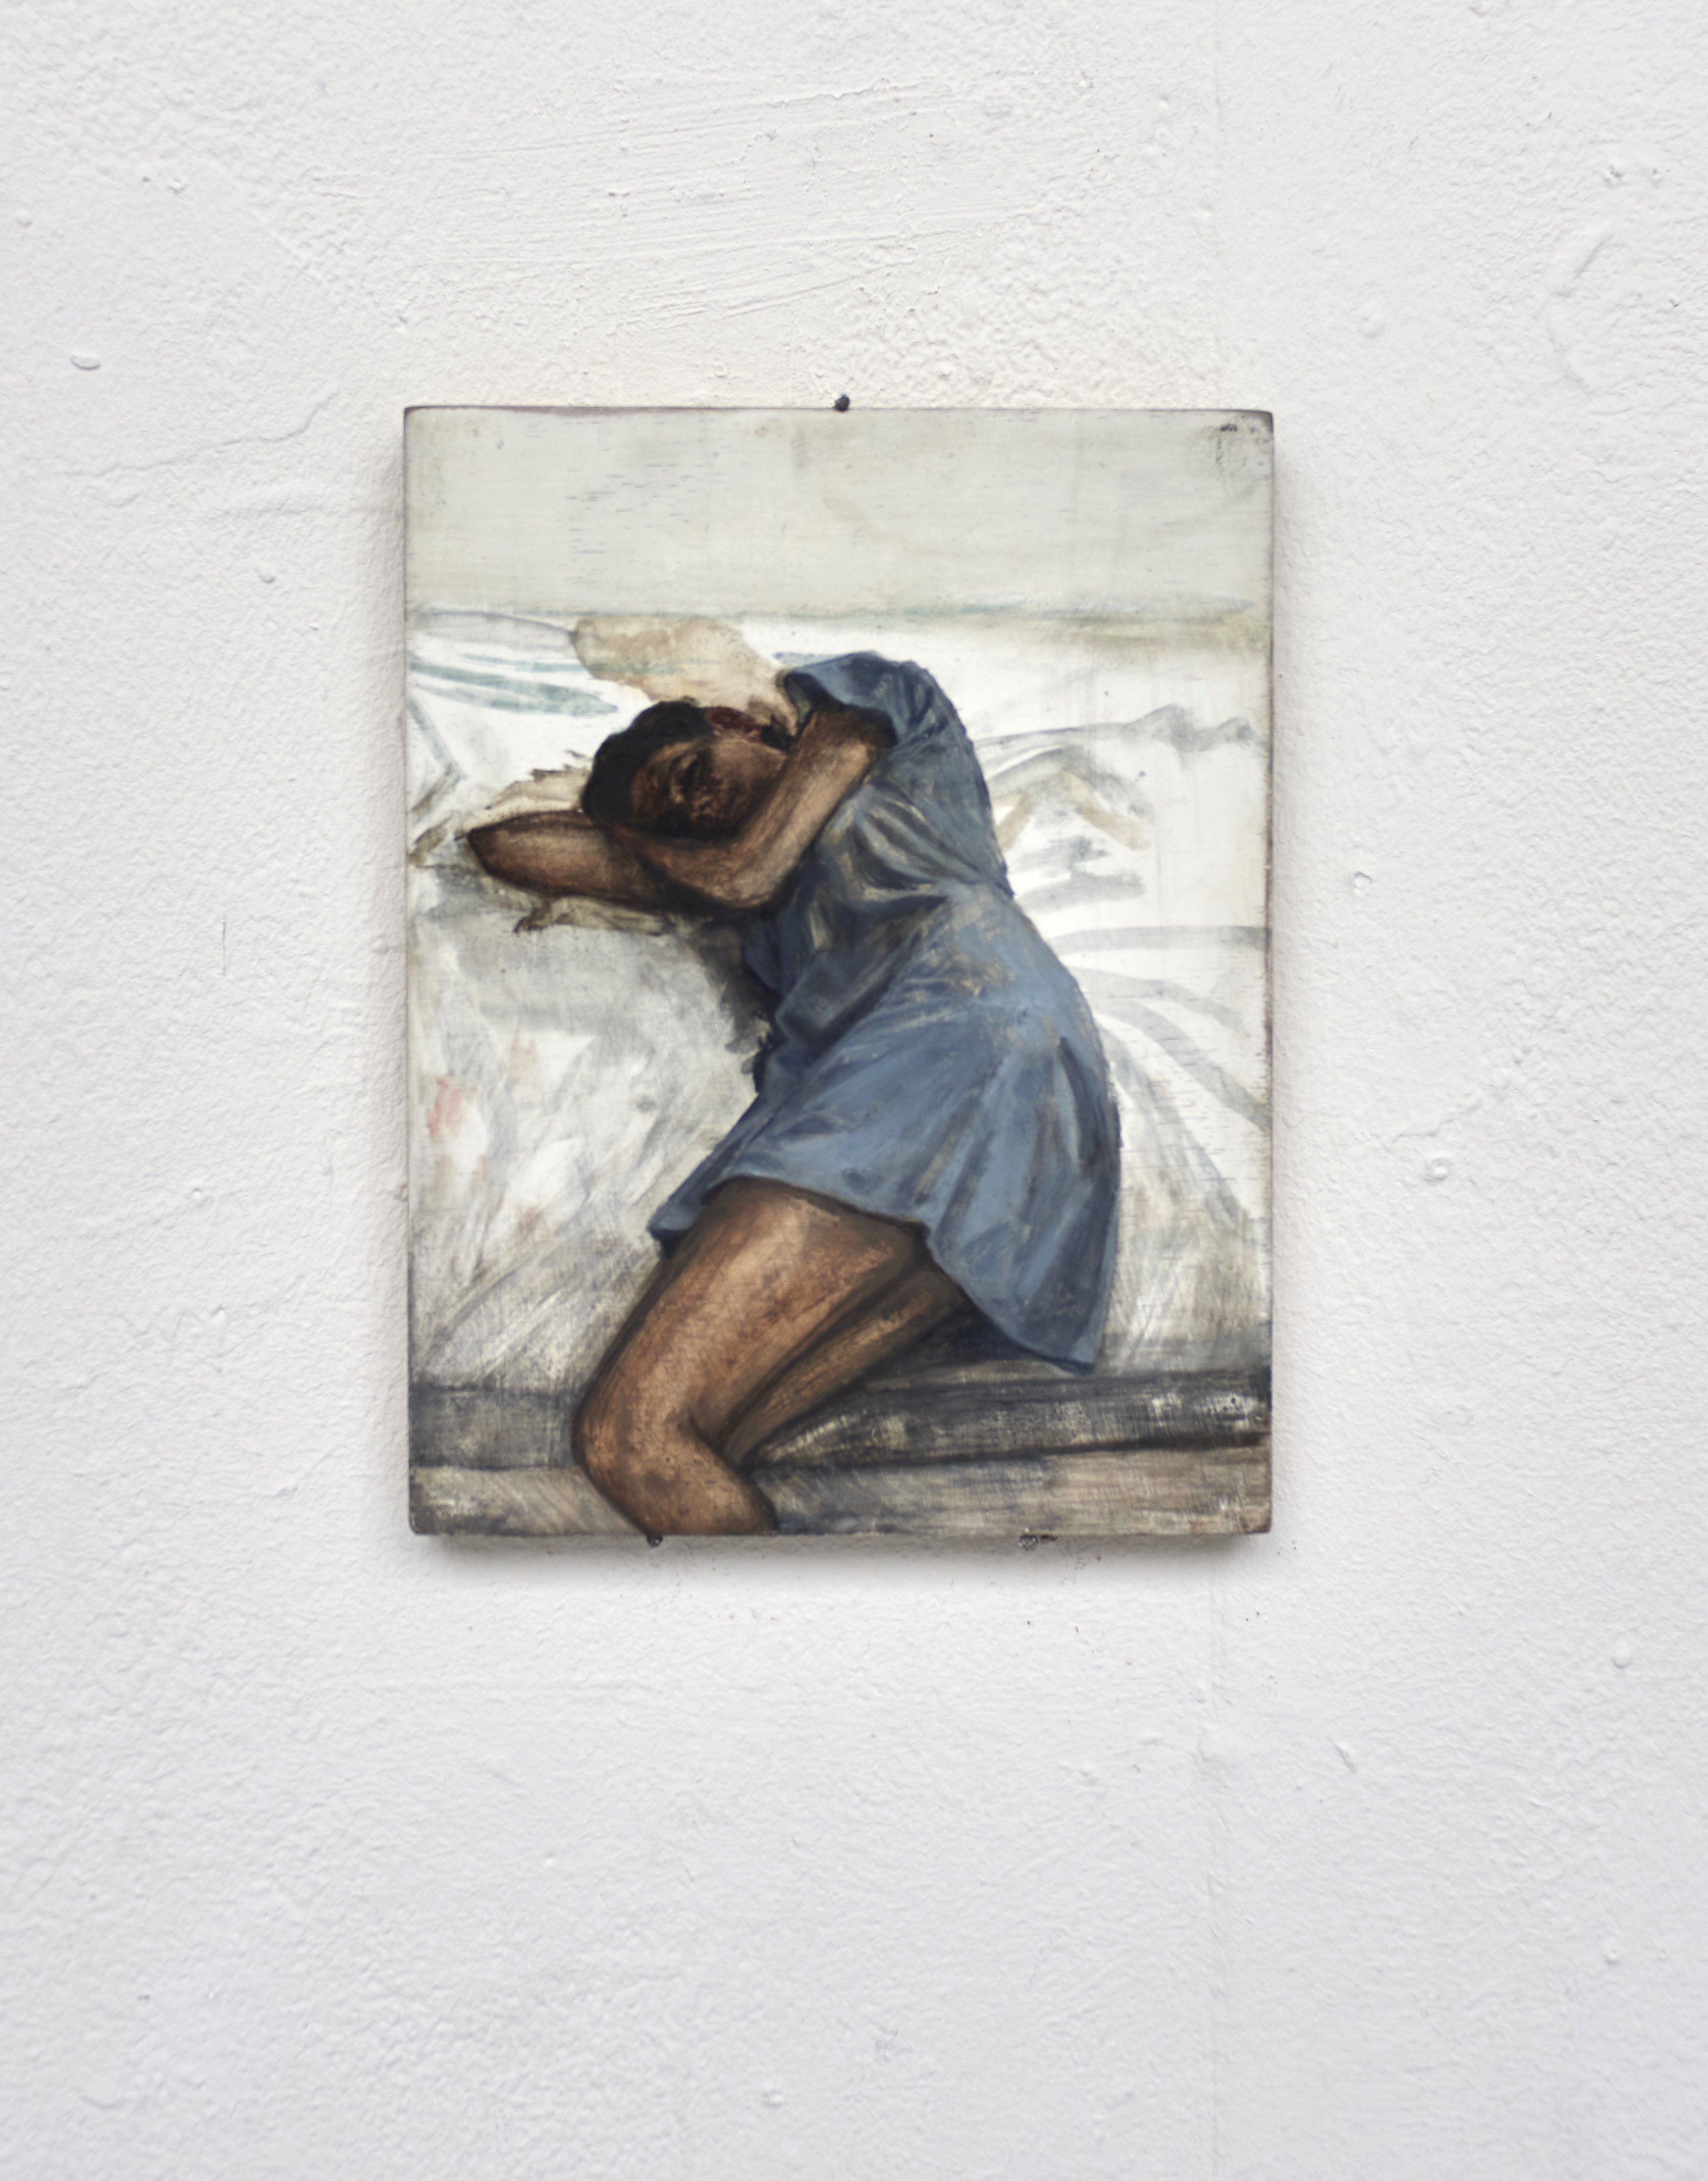 Sœur, 2015, 25 x 18 cm, huile sur bois